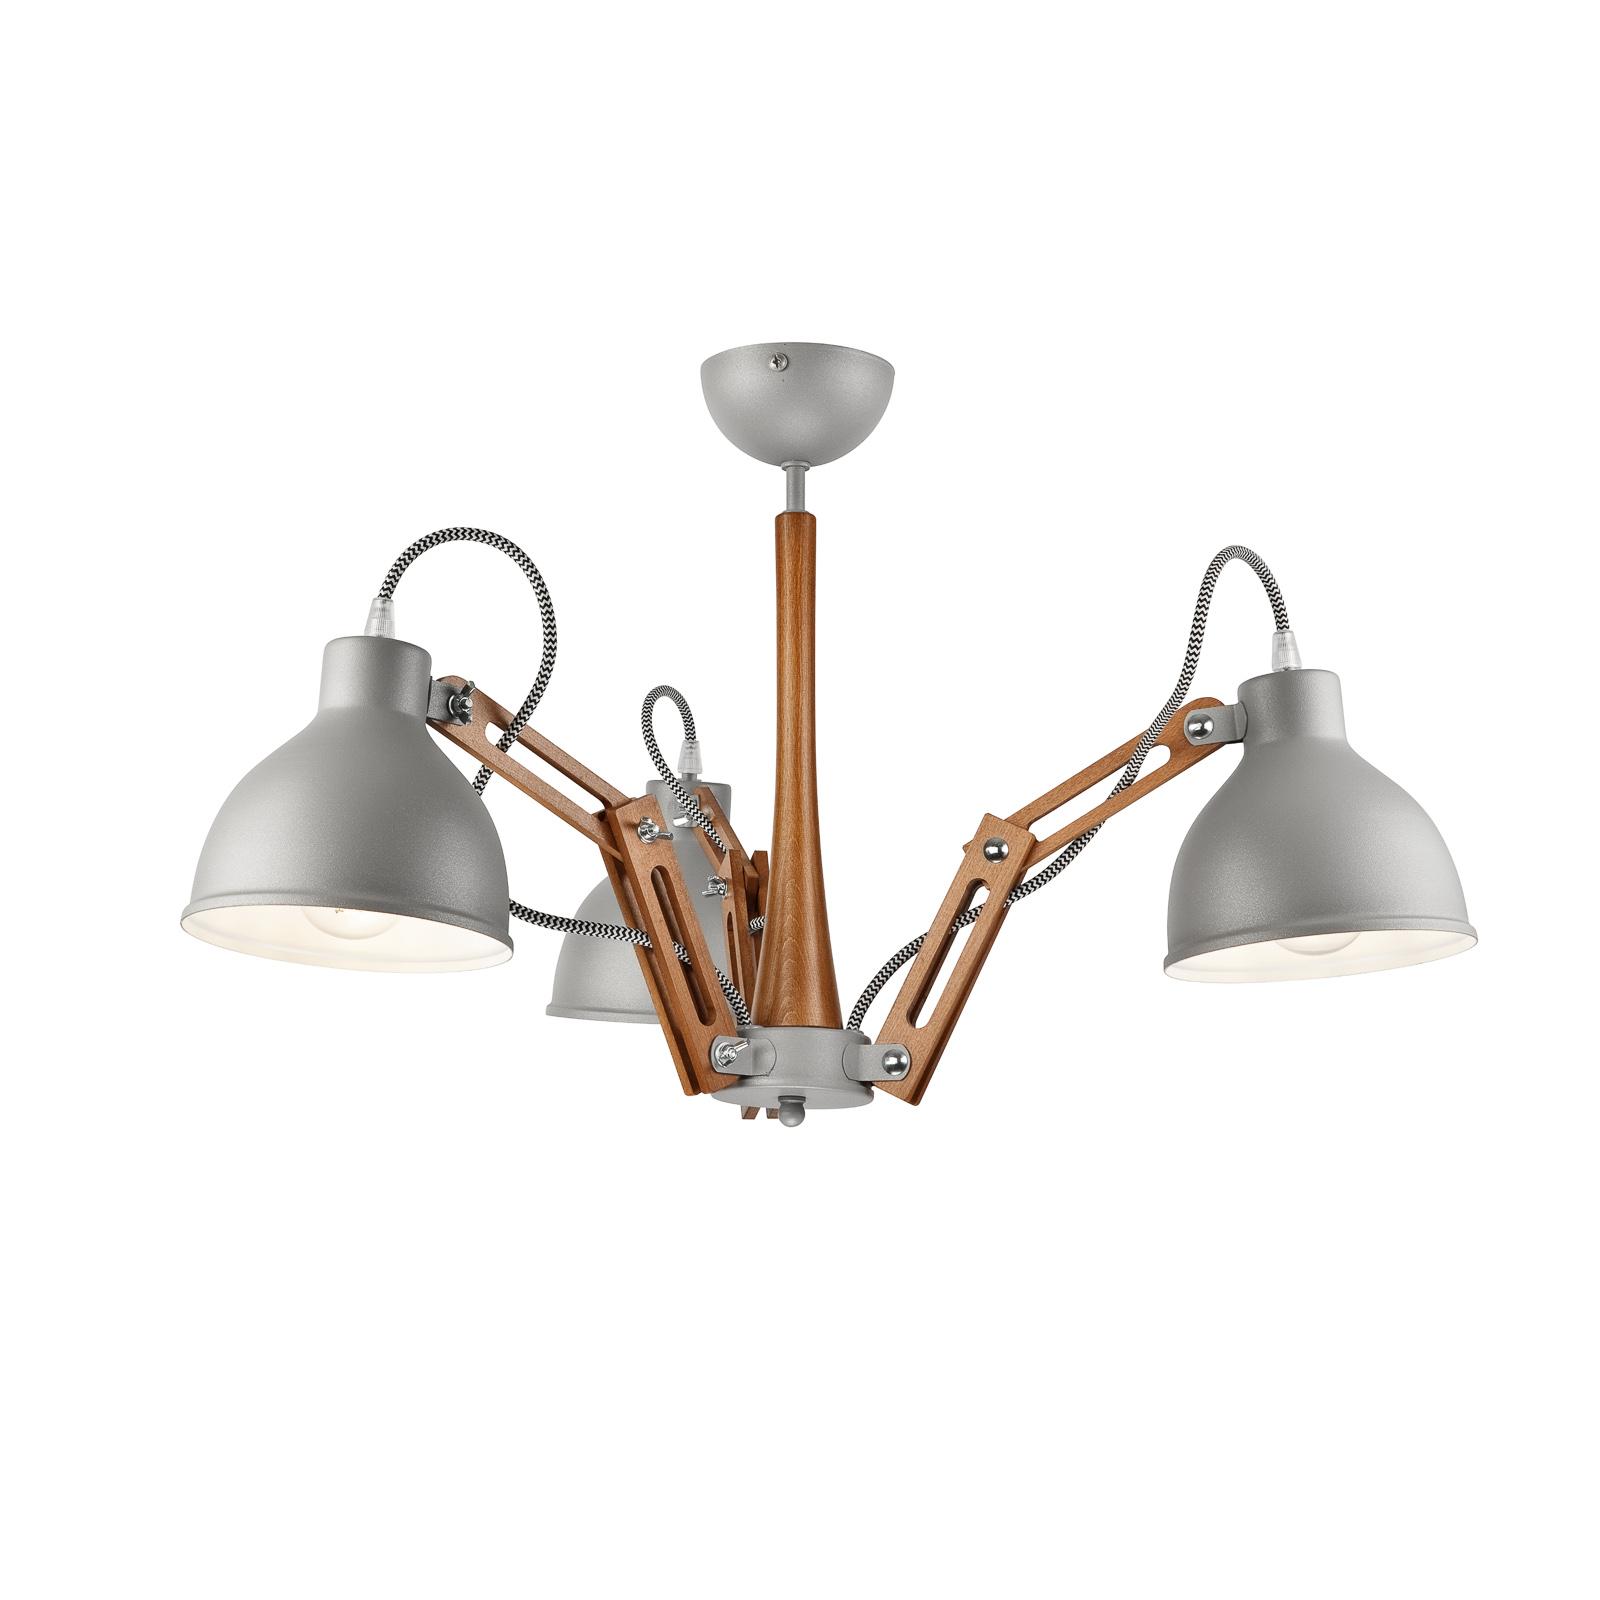 Skansen loftlampe, 3 lyskilder, justerbar, grå